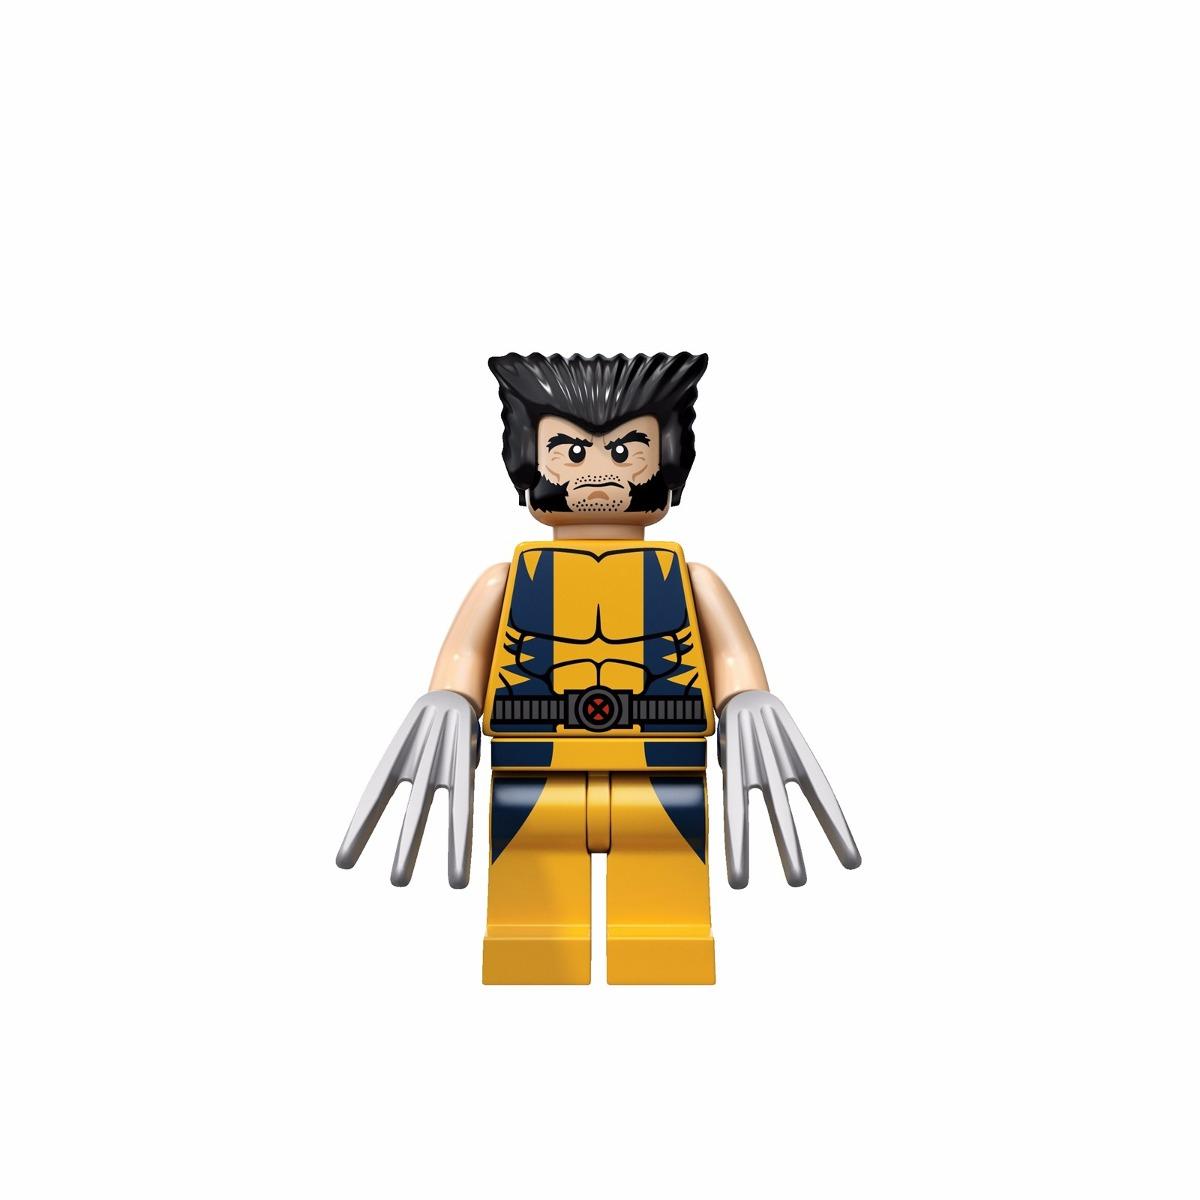 decoracao festa wolverine : decoracao festa wolverine:Lego Wolverine 6866 Super Heroes Nuevo Legobricksrfun – $ 390.00 en